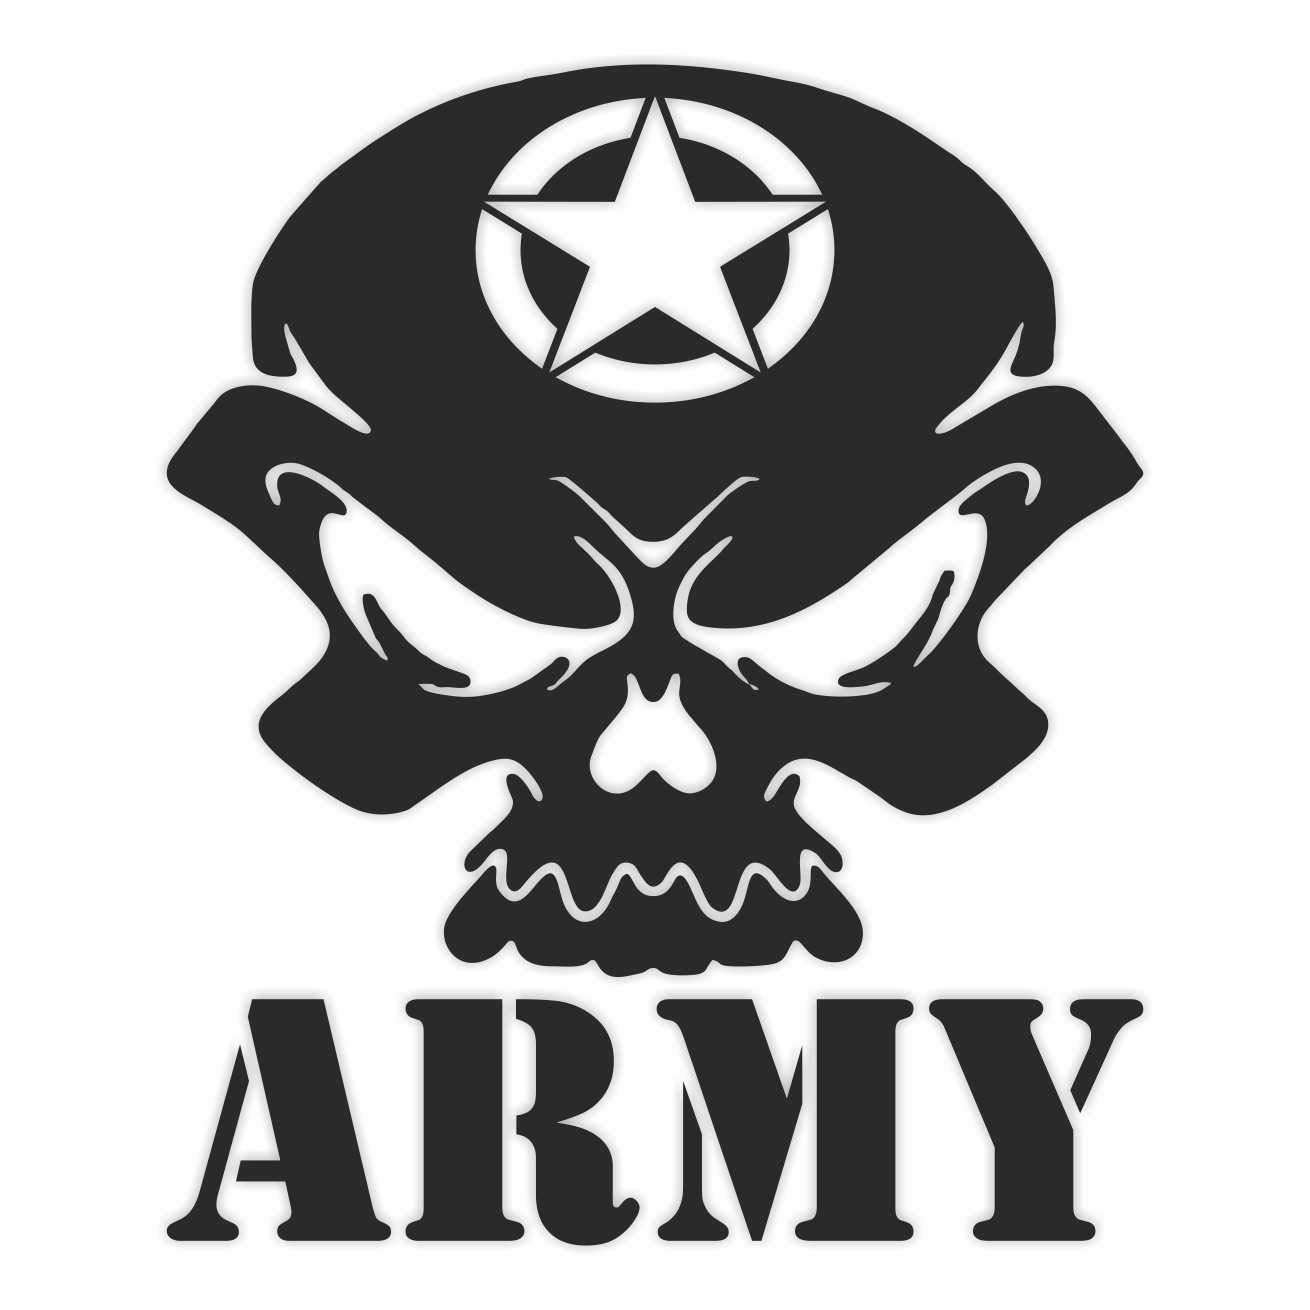 Teschio Army Punisher Militare Skull Stella Adesivo Decal Decalcolmania Vinile Murale Laptop Auto Moto Casco Camper ERREINGE STICKER PRESPAZIATO ORO 12cm